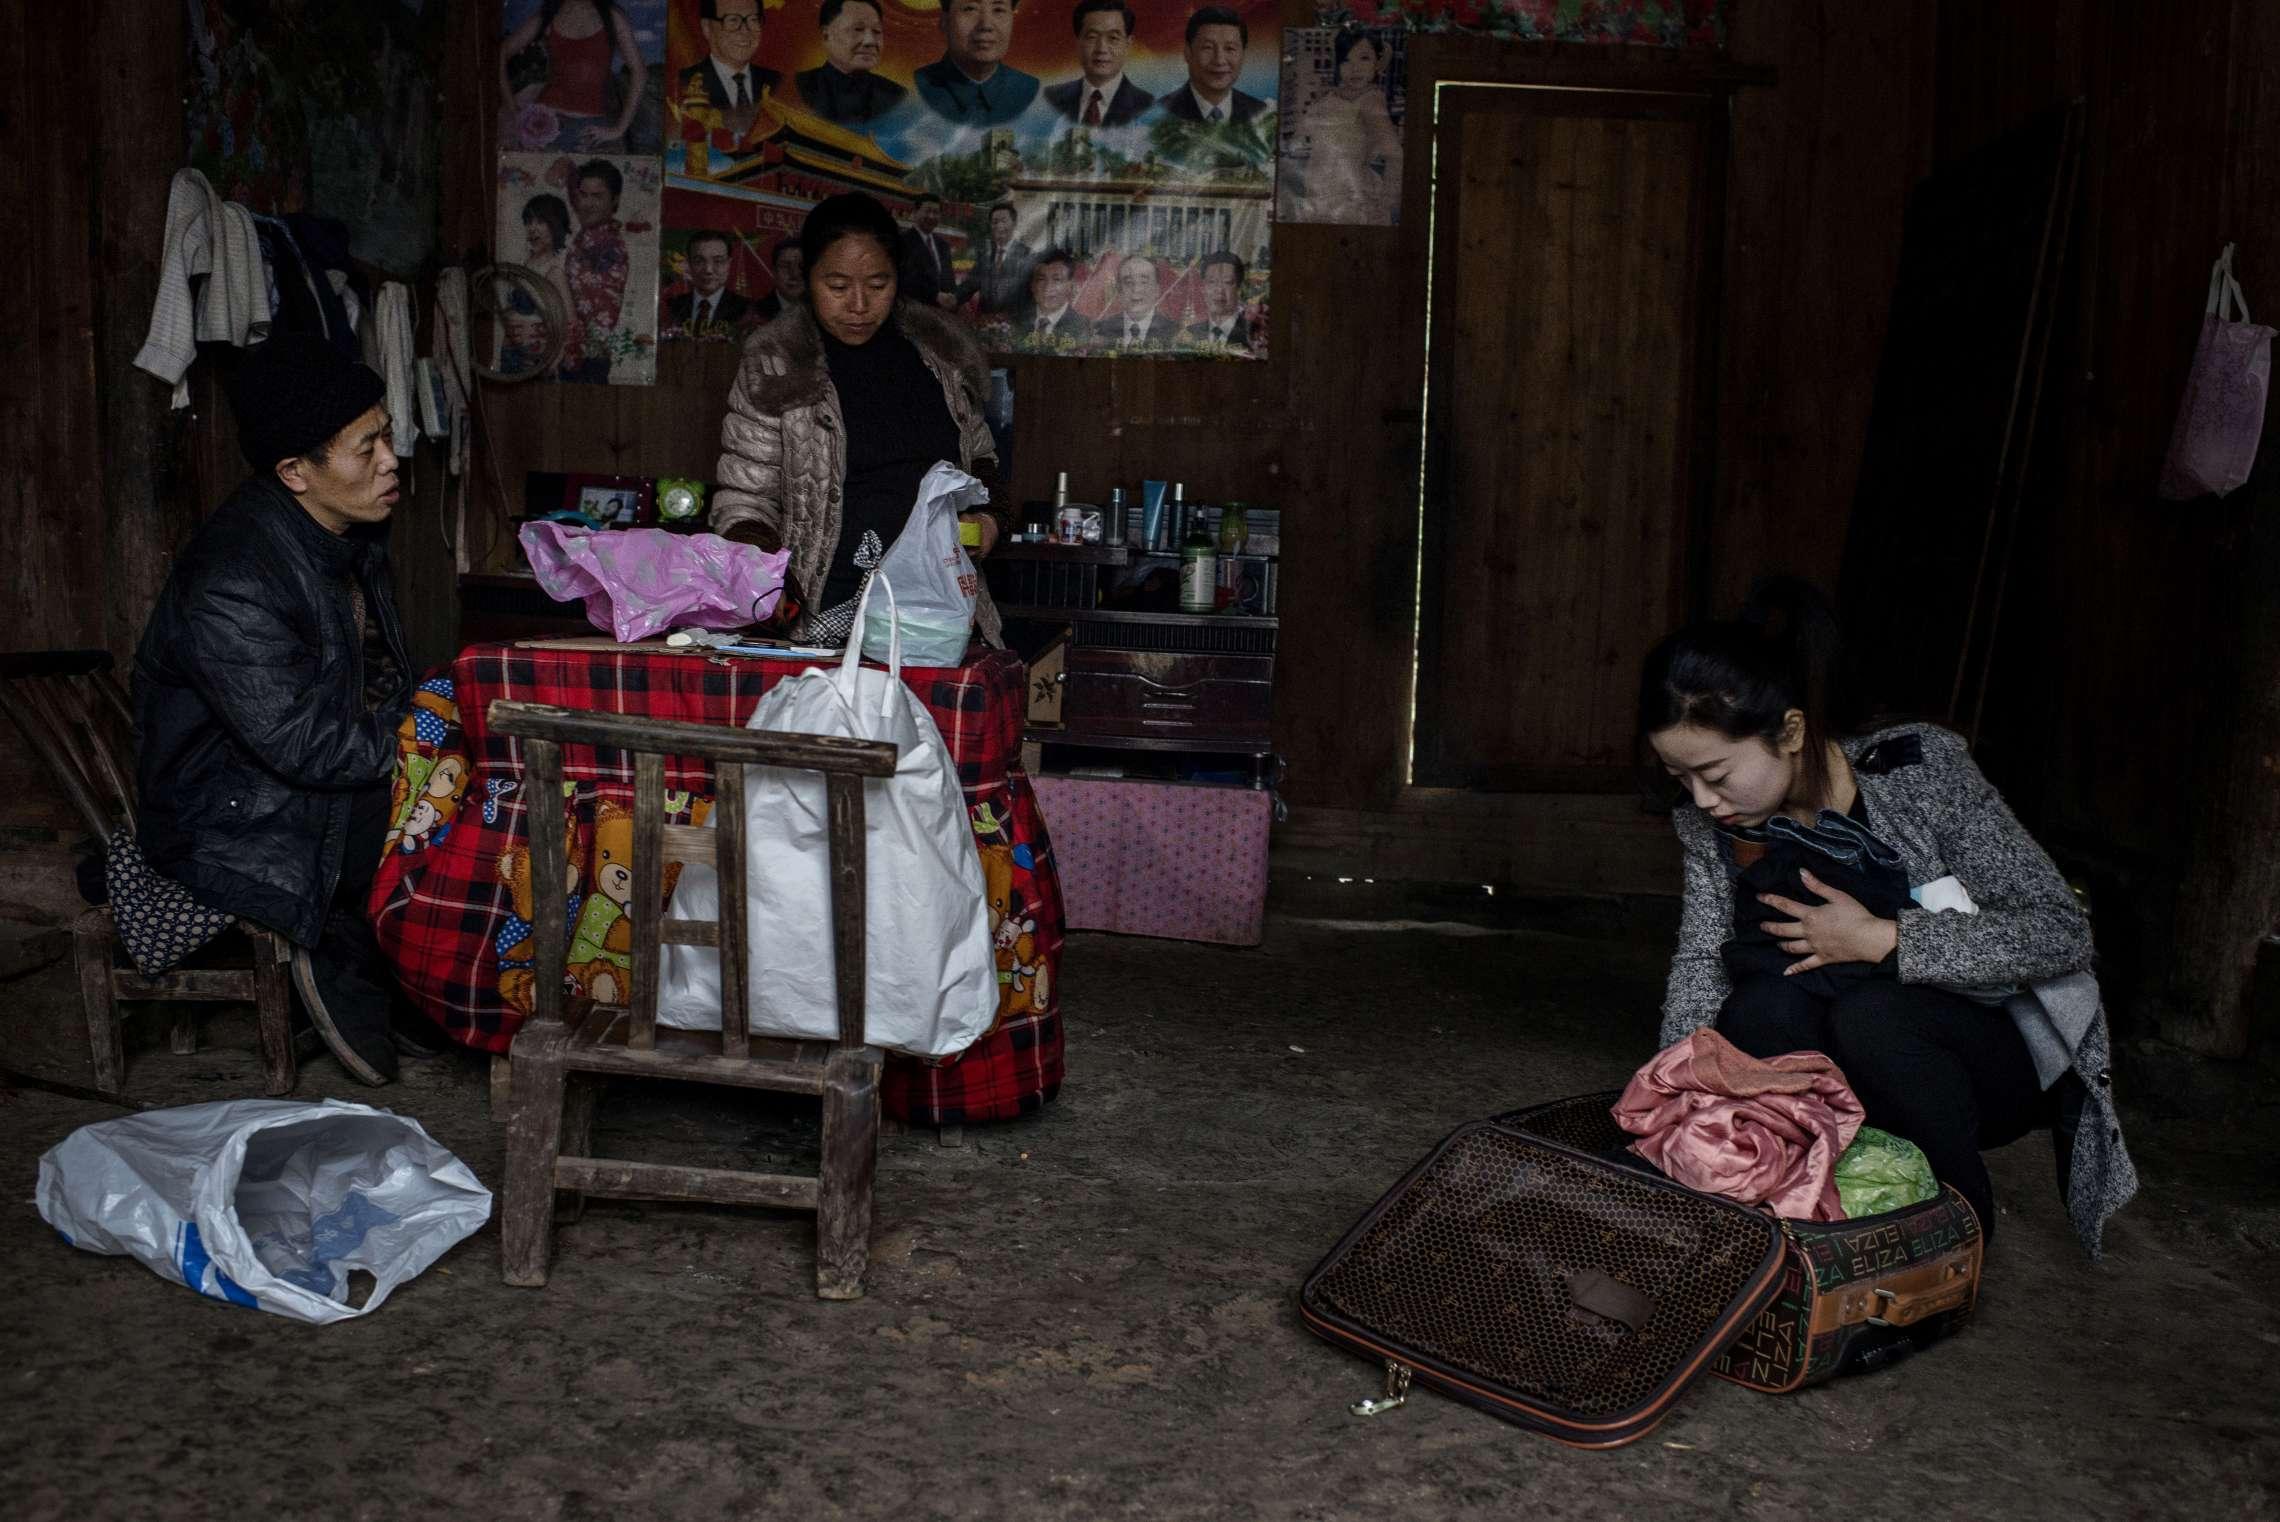 PK-nr: 10968Kategori: 8, dokumentar utlandDato: 03.03.2015Tittel: Hun reiser i morgenHovedtekst: Siden 1978 har Kina opplevd den største folkevandringen i verdenshistorien. Nærmere 160 millioner kinesere har reist fra lutfattige landsbyer for å finne arbeid i byene. I fjellandsbyen Hangsha i Hunan provinsen, står Rong Shi Yu (14) på klippen sammen med barndomsvenninnene sine, hånd i hånd på høye hæler, mens de blåser rosa bobler. De synger om gutter de ennå ikke vet hvem er, som skal gjøre dem lykkelige, og kanskje velstående. De synger om å høre til her i Lu Dong-fjellene, men i morgen pakker de trillekoffertene, reiser fra alt de kjenner, mot kysten og storbyene. Der venter Kinas mest effektive fabrikker med ti kroner i timen, ti timer hver dag. Men der venter også mulighetene for økonomisk uavhengighet. Bildetekst: Shi Pi Hua sjekker trillekofferten sin en siste gang. Hun har pakket for ett helt år. Foreldrene følger med. De sier ingenting. Og når den skranglete minibussen kan høres, og hun stiller seg på steinhellene utenfor, er det ingen tårer, bare en datter som grugleder seg og en mamma som legger et egg i håndflaten hennes, smiler forsiktig, lukker den.